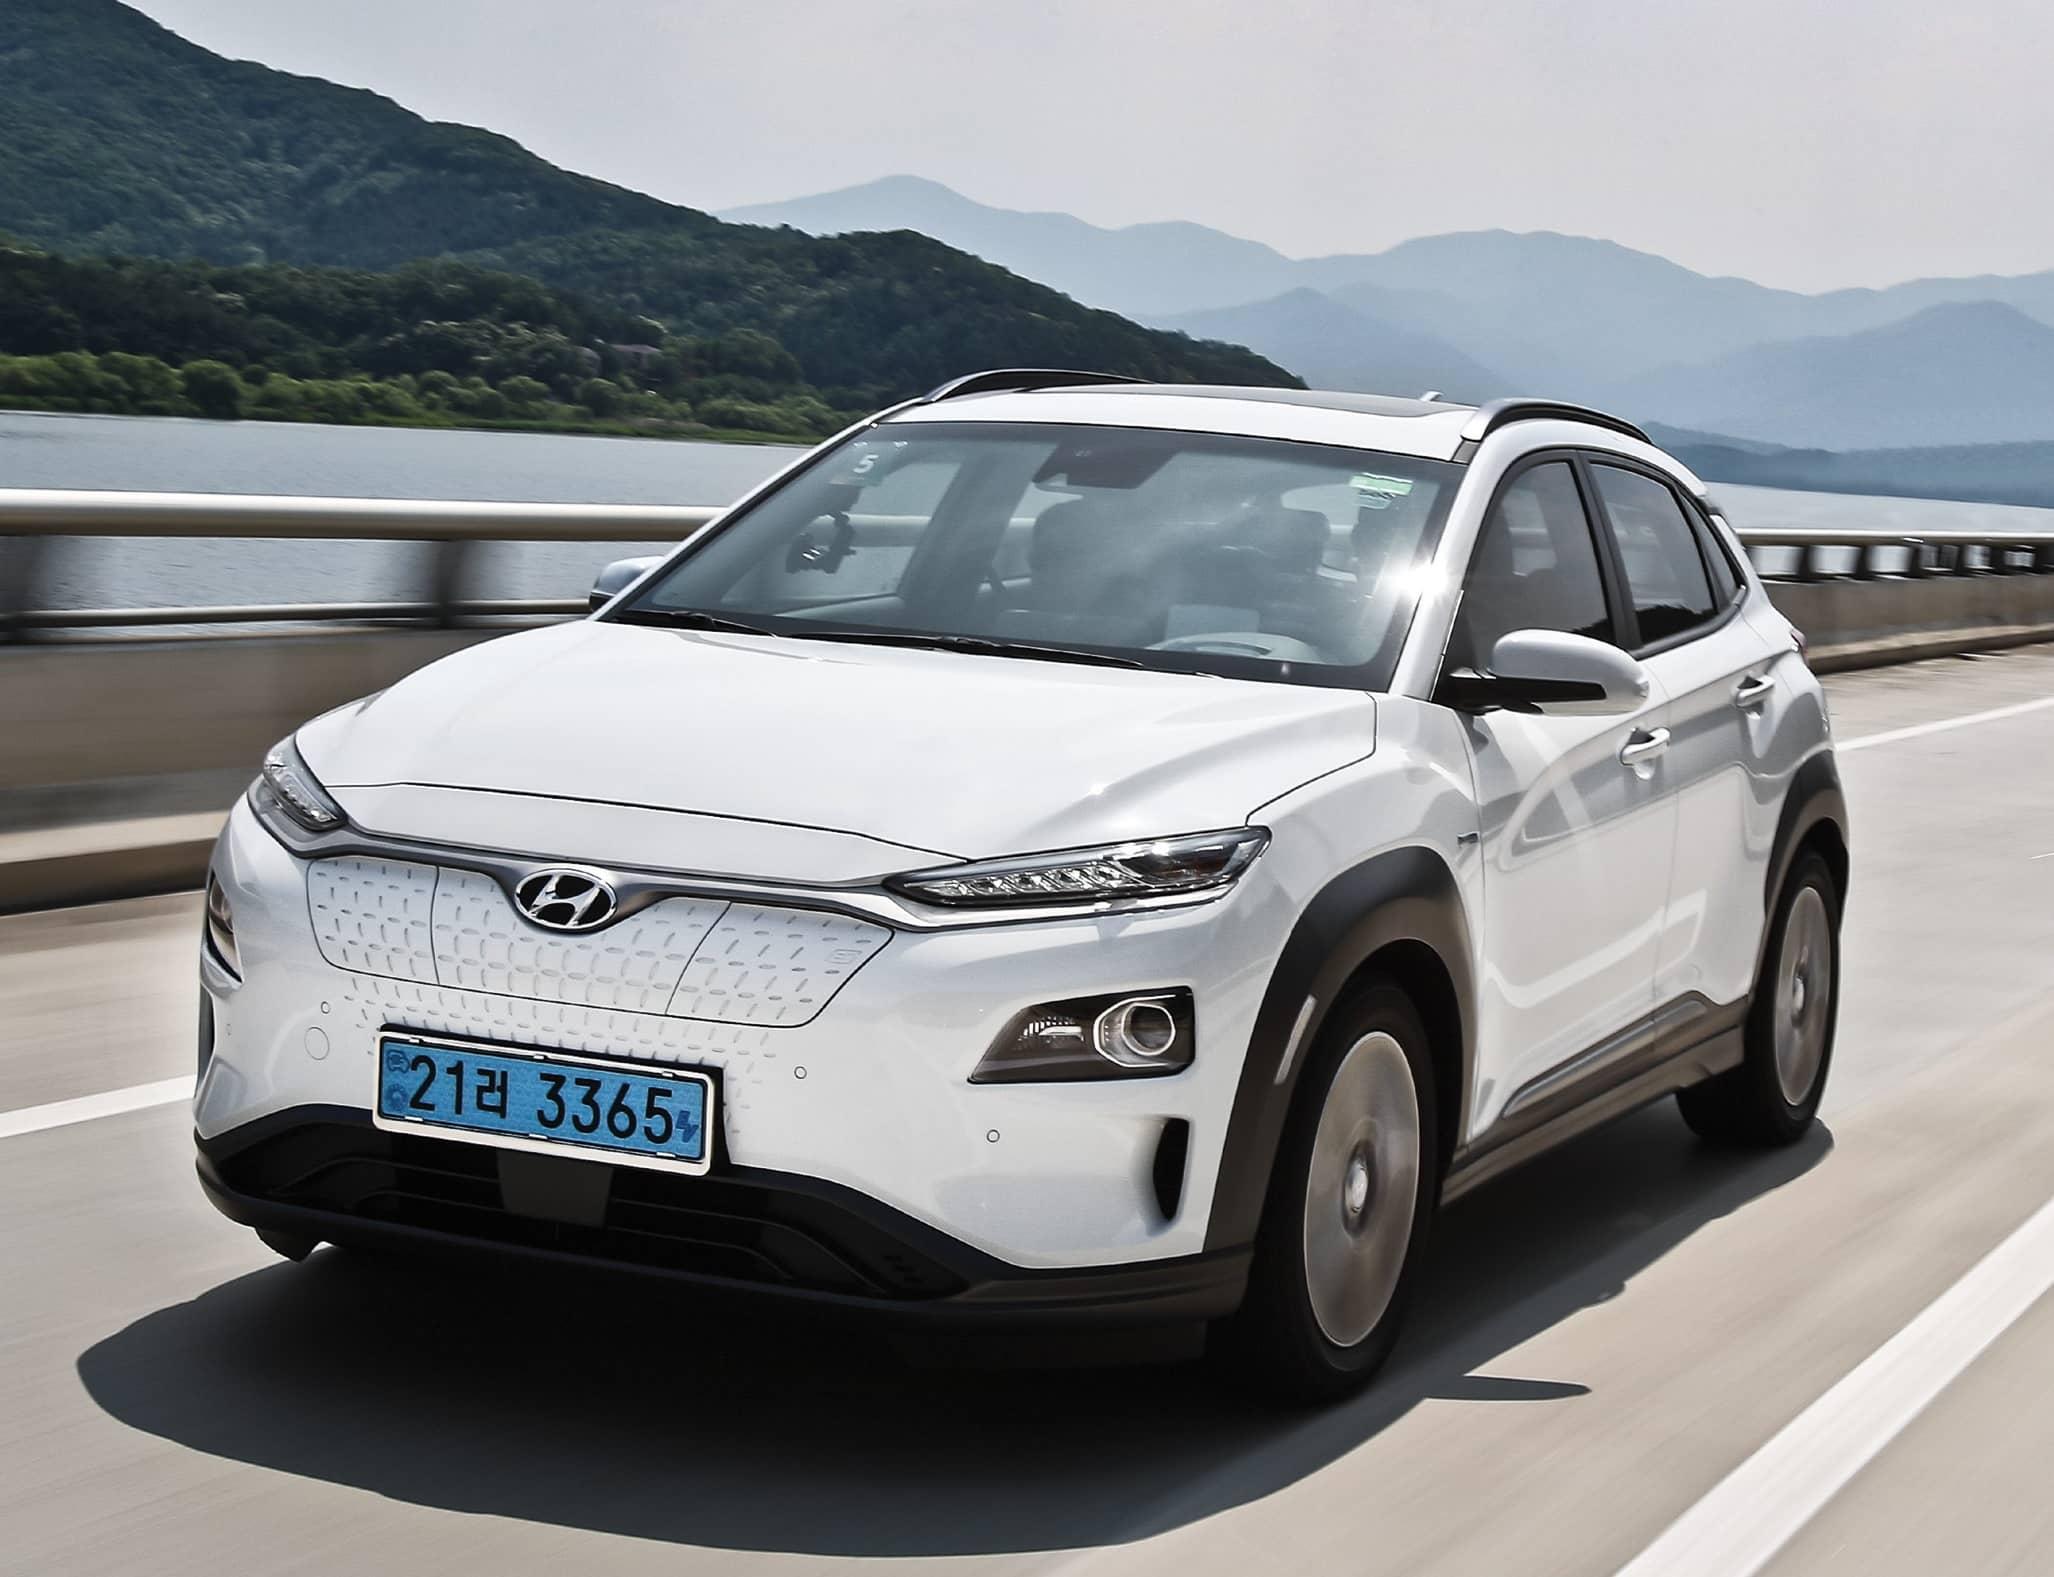 Hyundai Kina EV - Future Perfect SUV